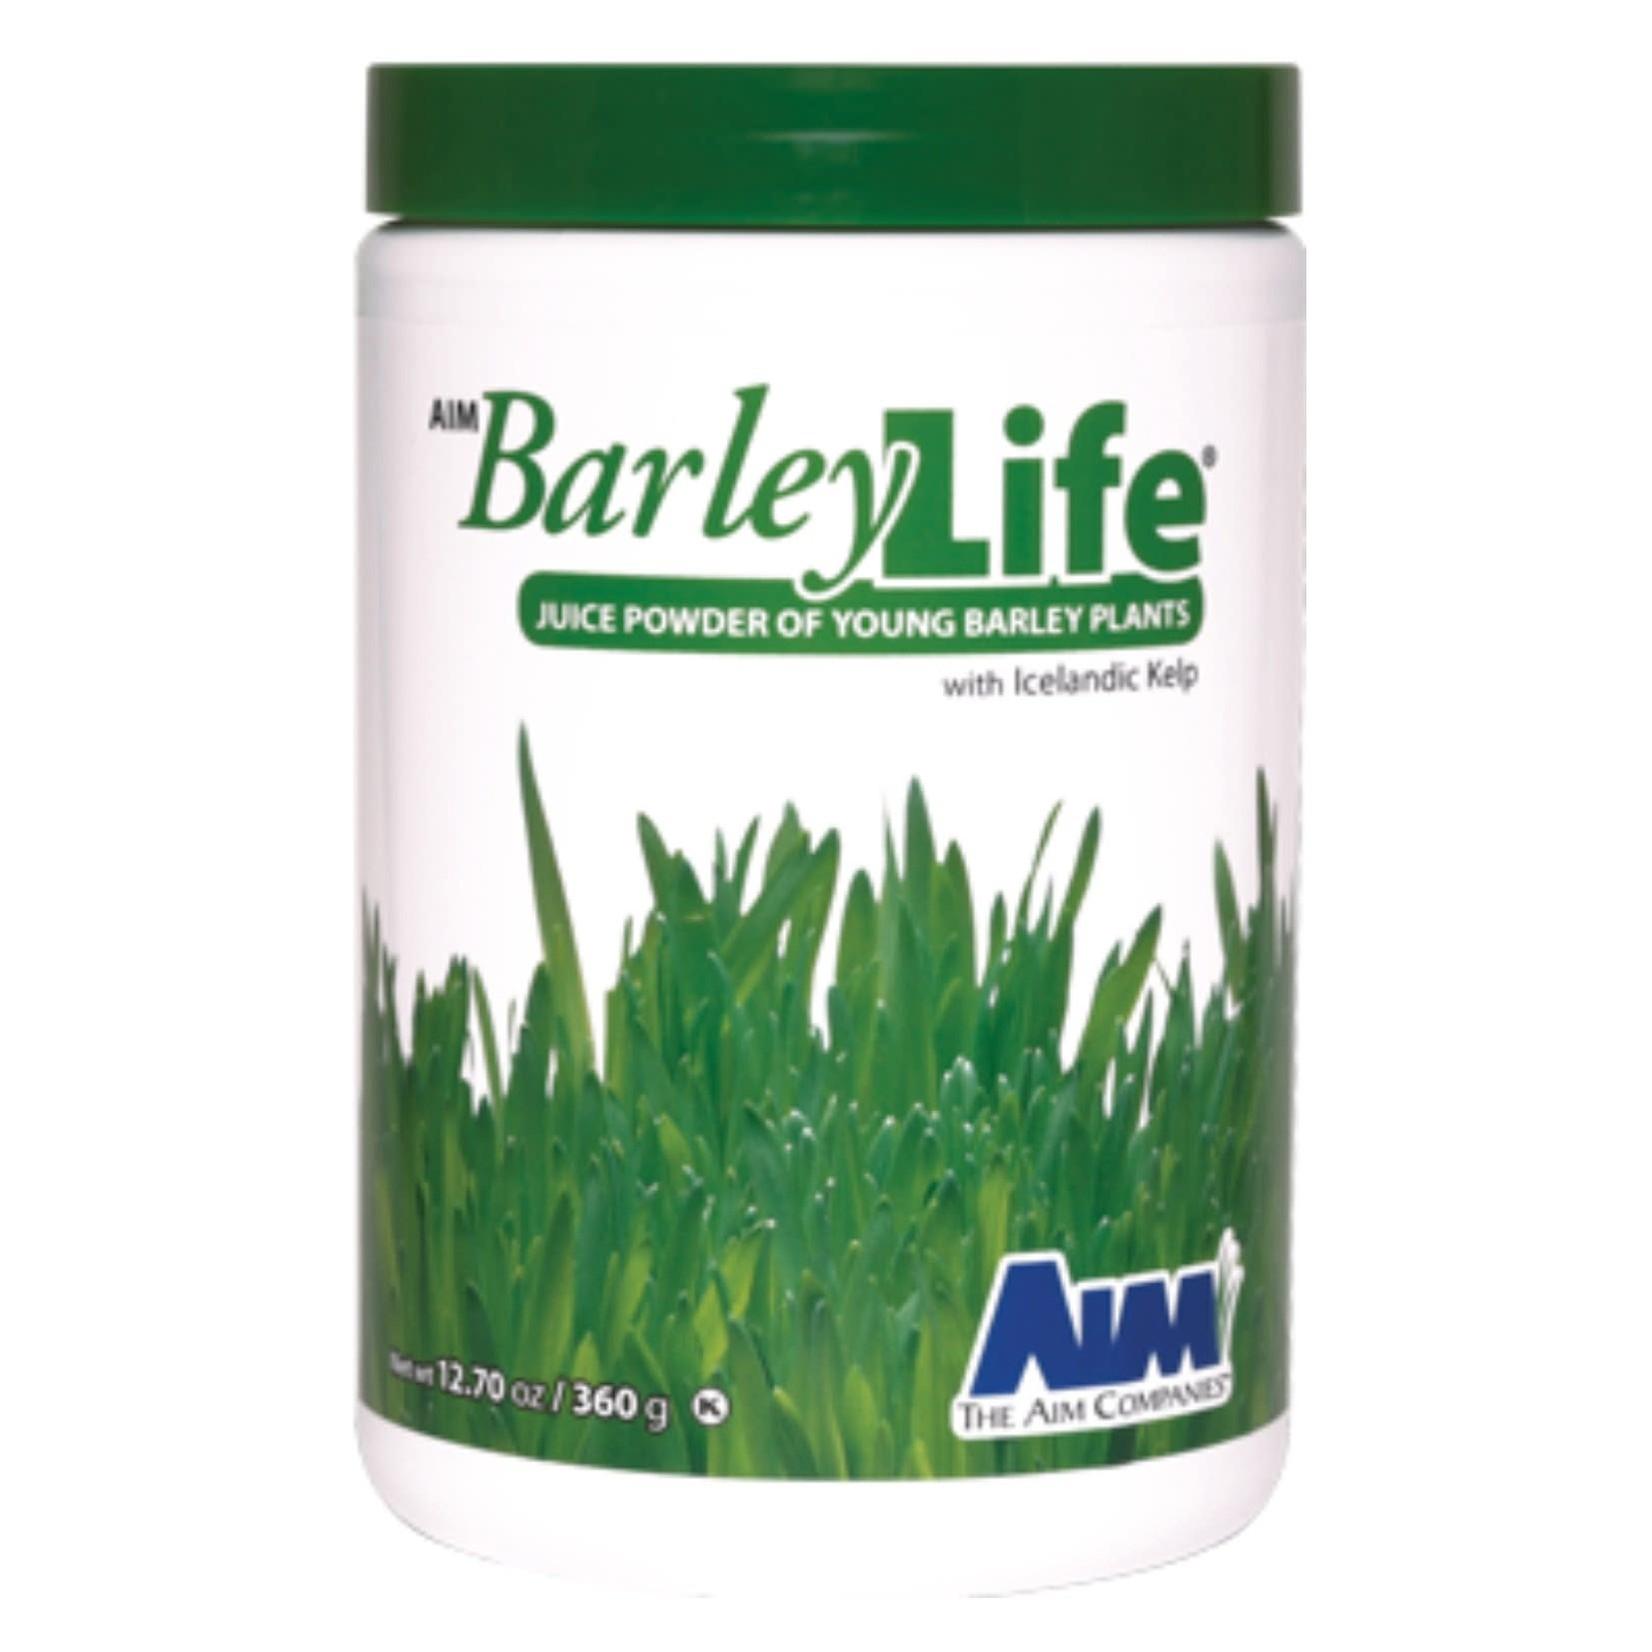 Barley Life 360g